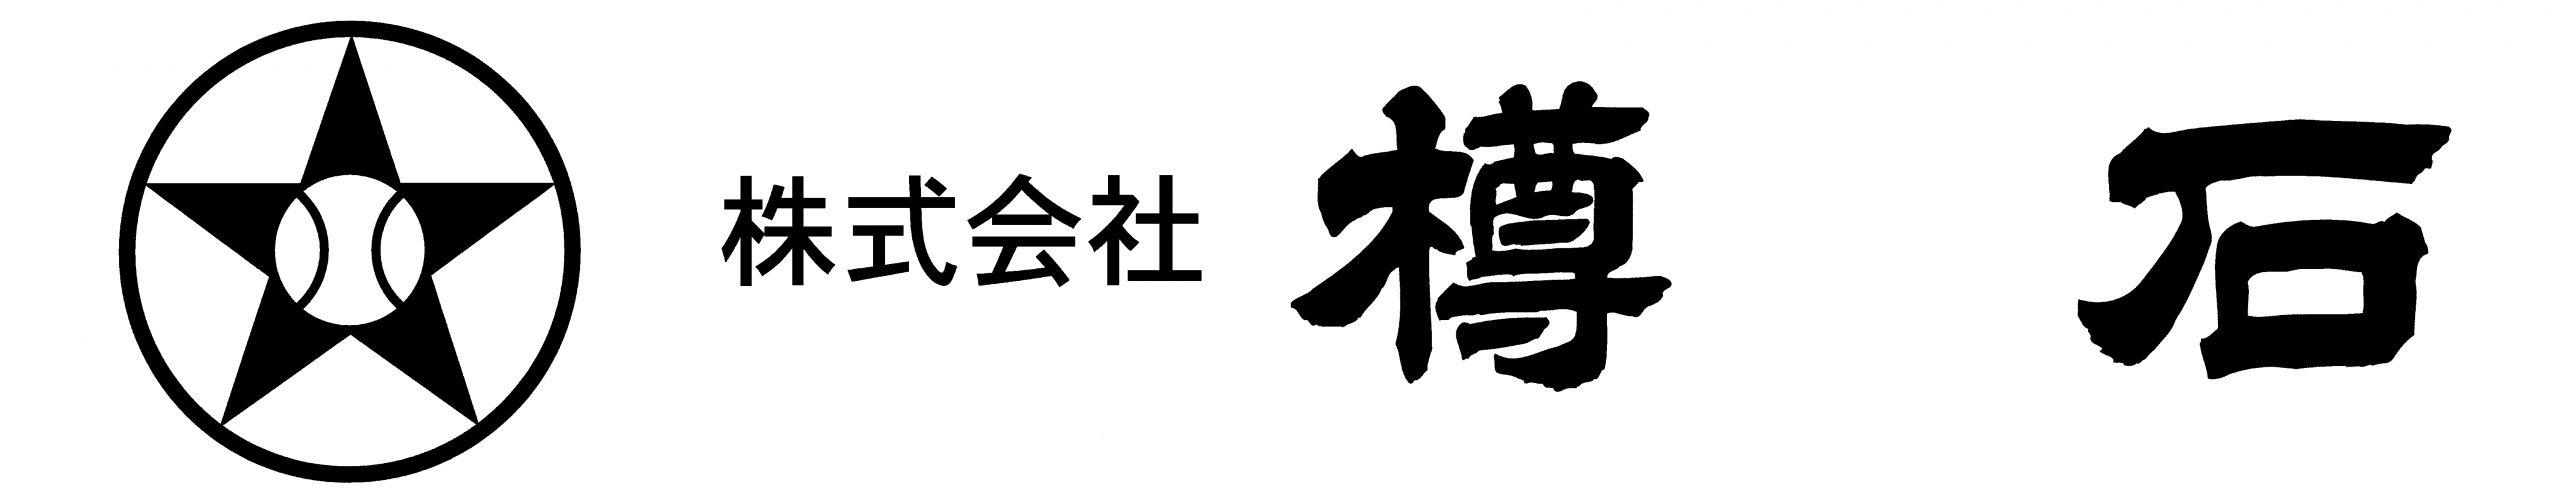 taruseki-logo